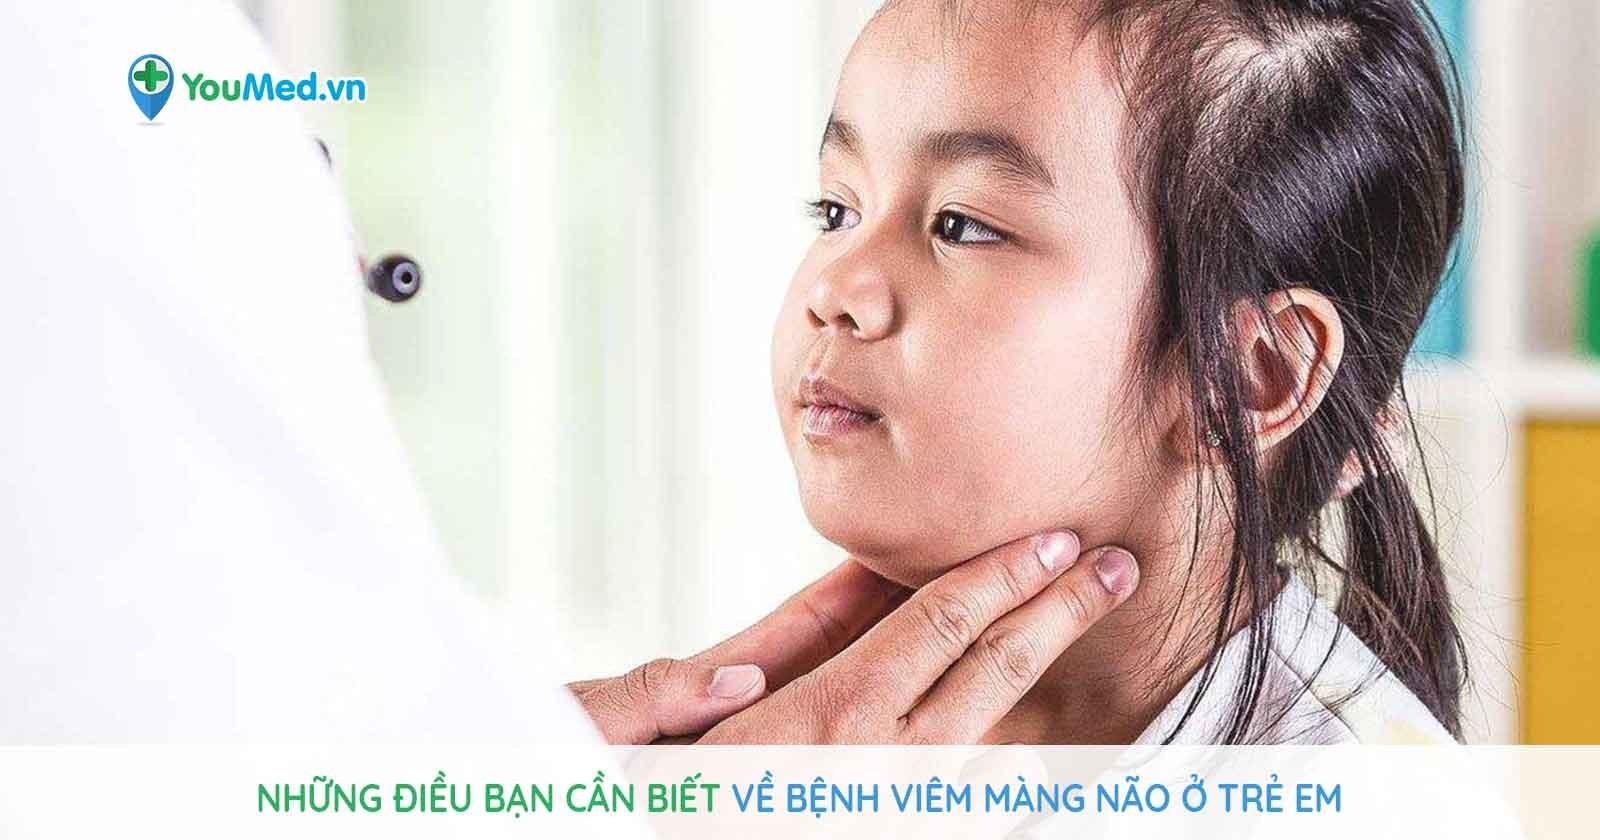 Những điều bạn cần biết về bệnh Viêm màng não ở trẻ em